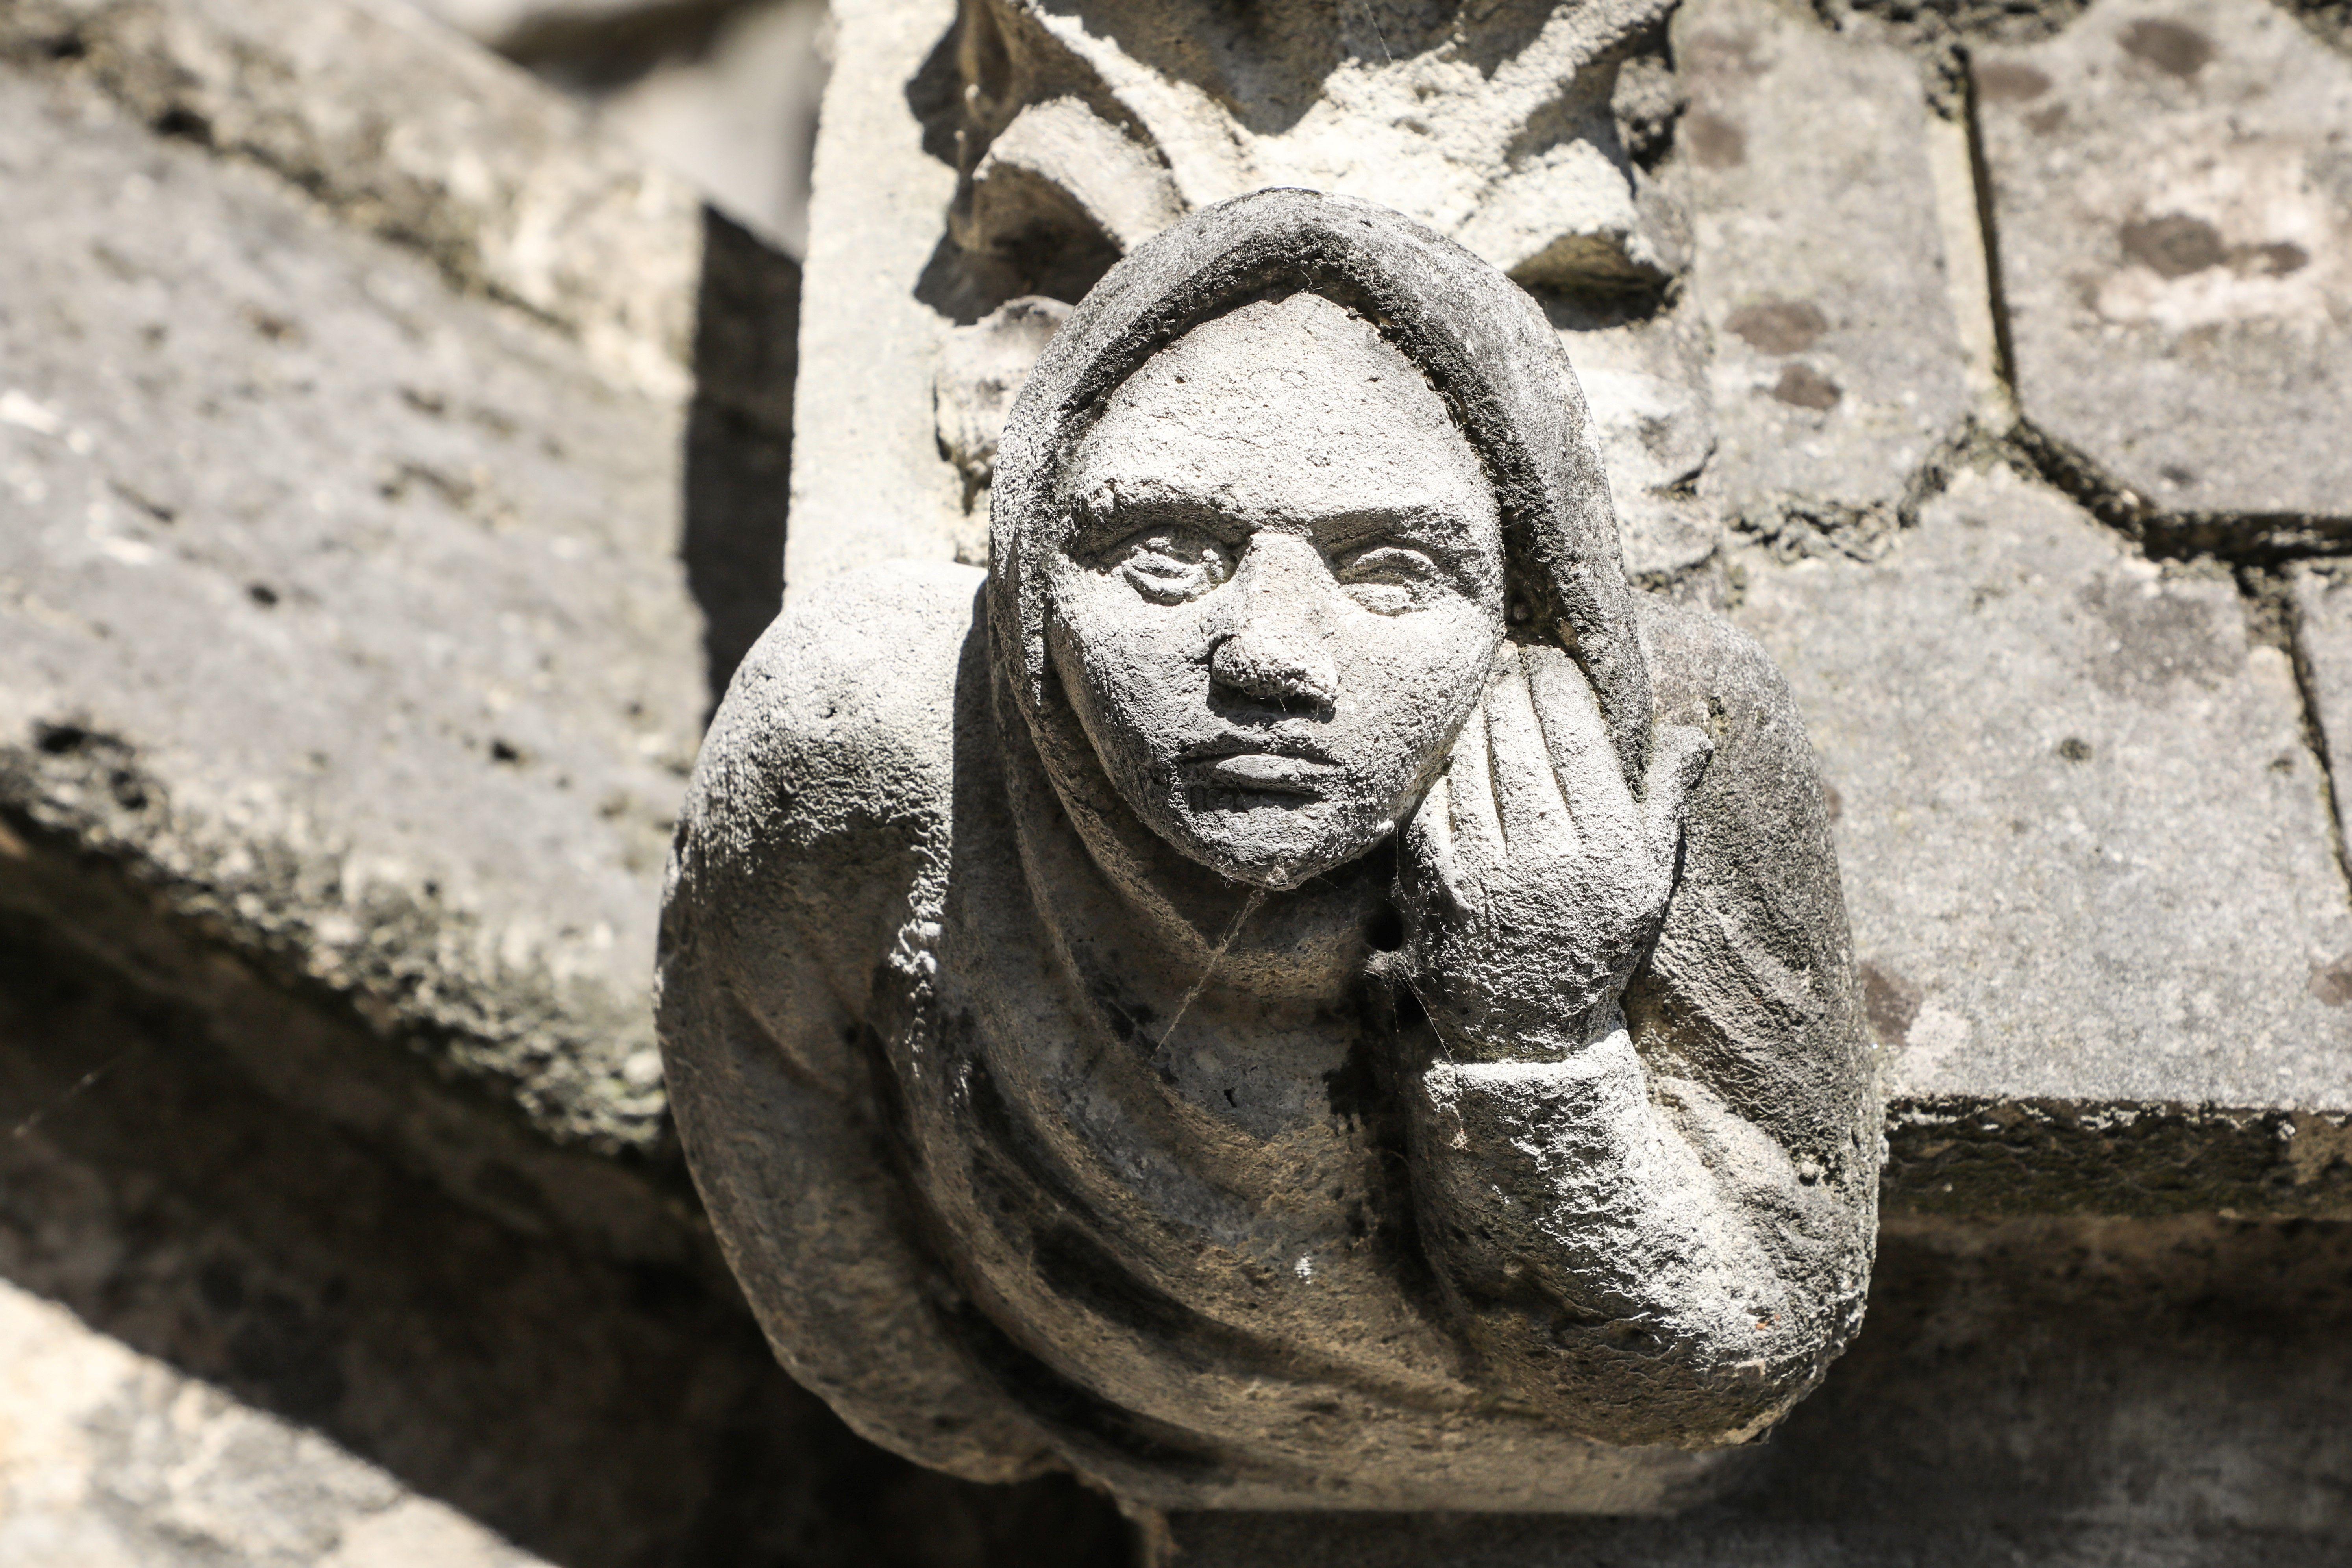 巴黎聖母院外牆一個神情哀傷的人形滴水石像。(LUDOVIC MARIN/AFP/Getty Images)